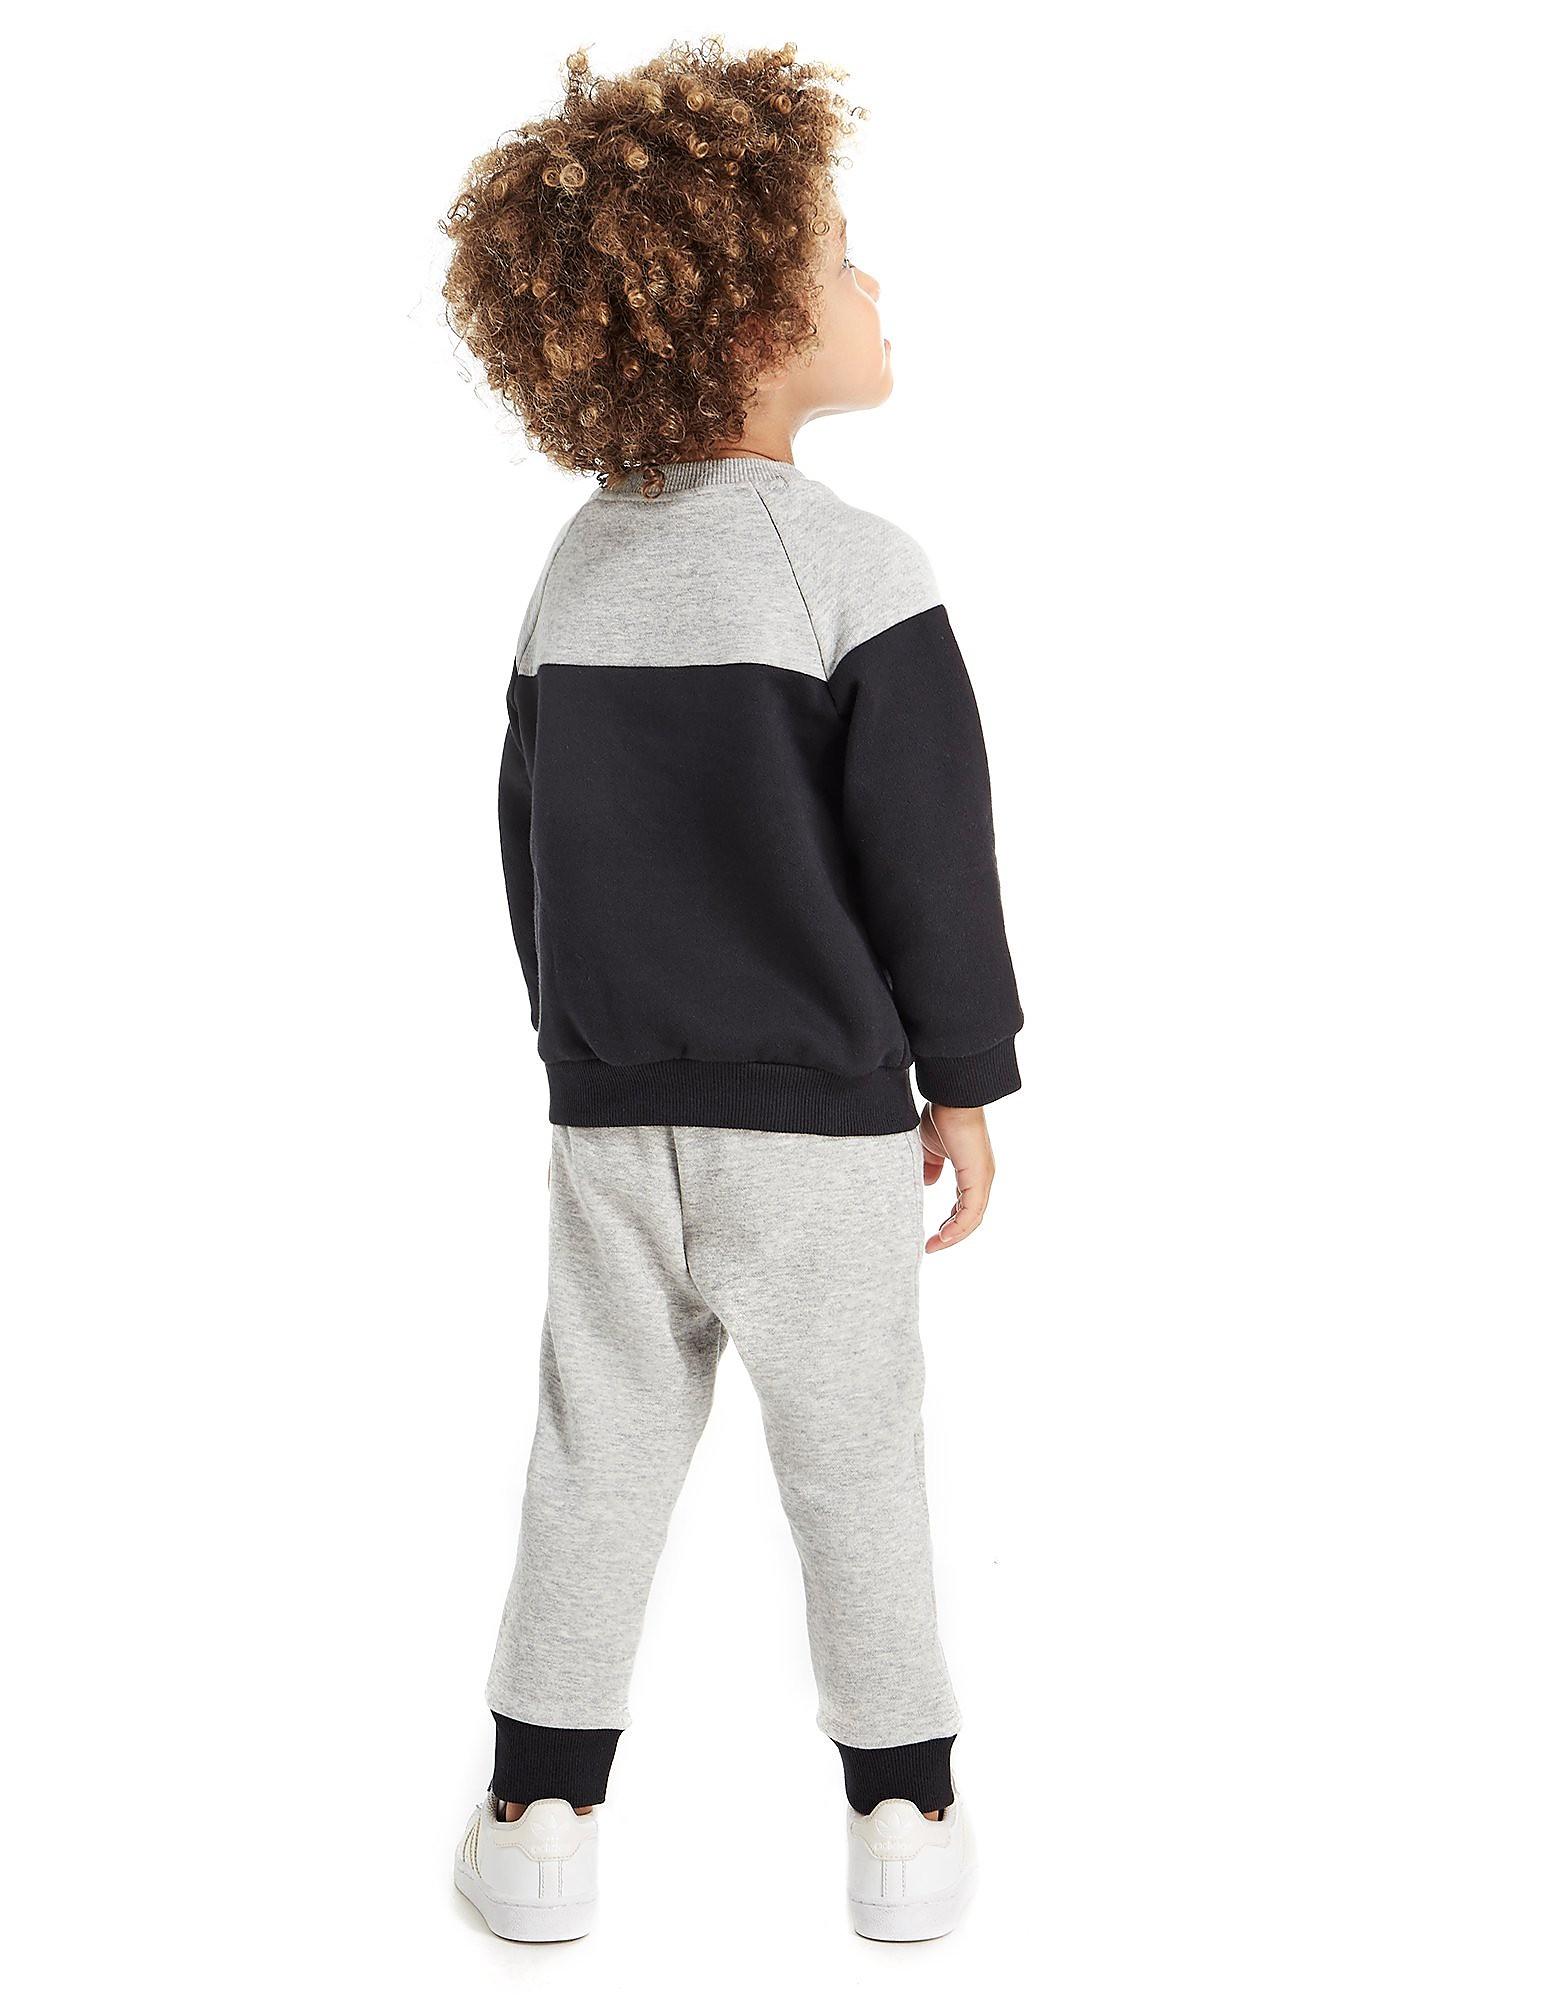 adidas Originals Trefoil Crew Tracksuit Baby's